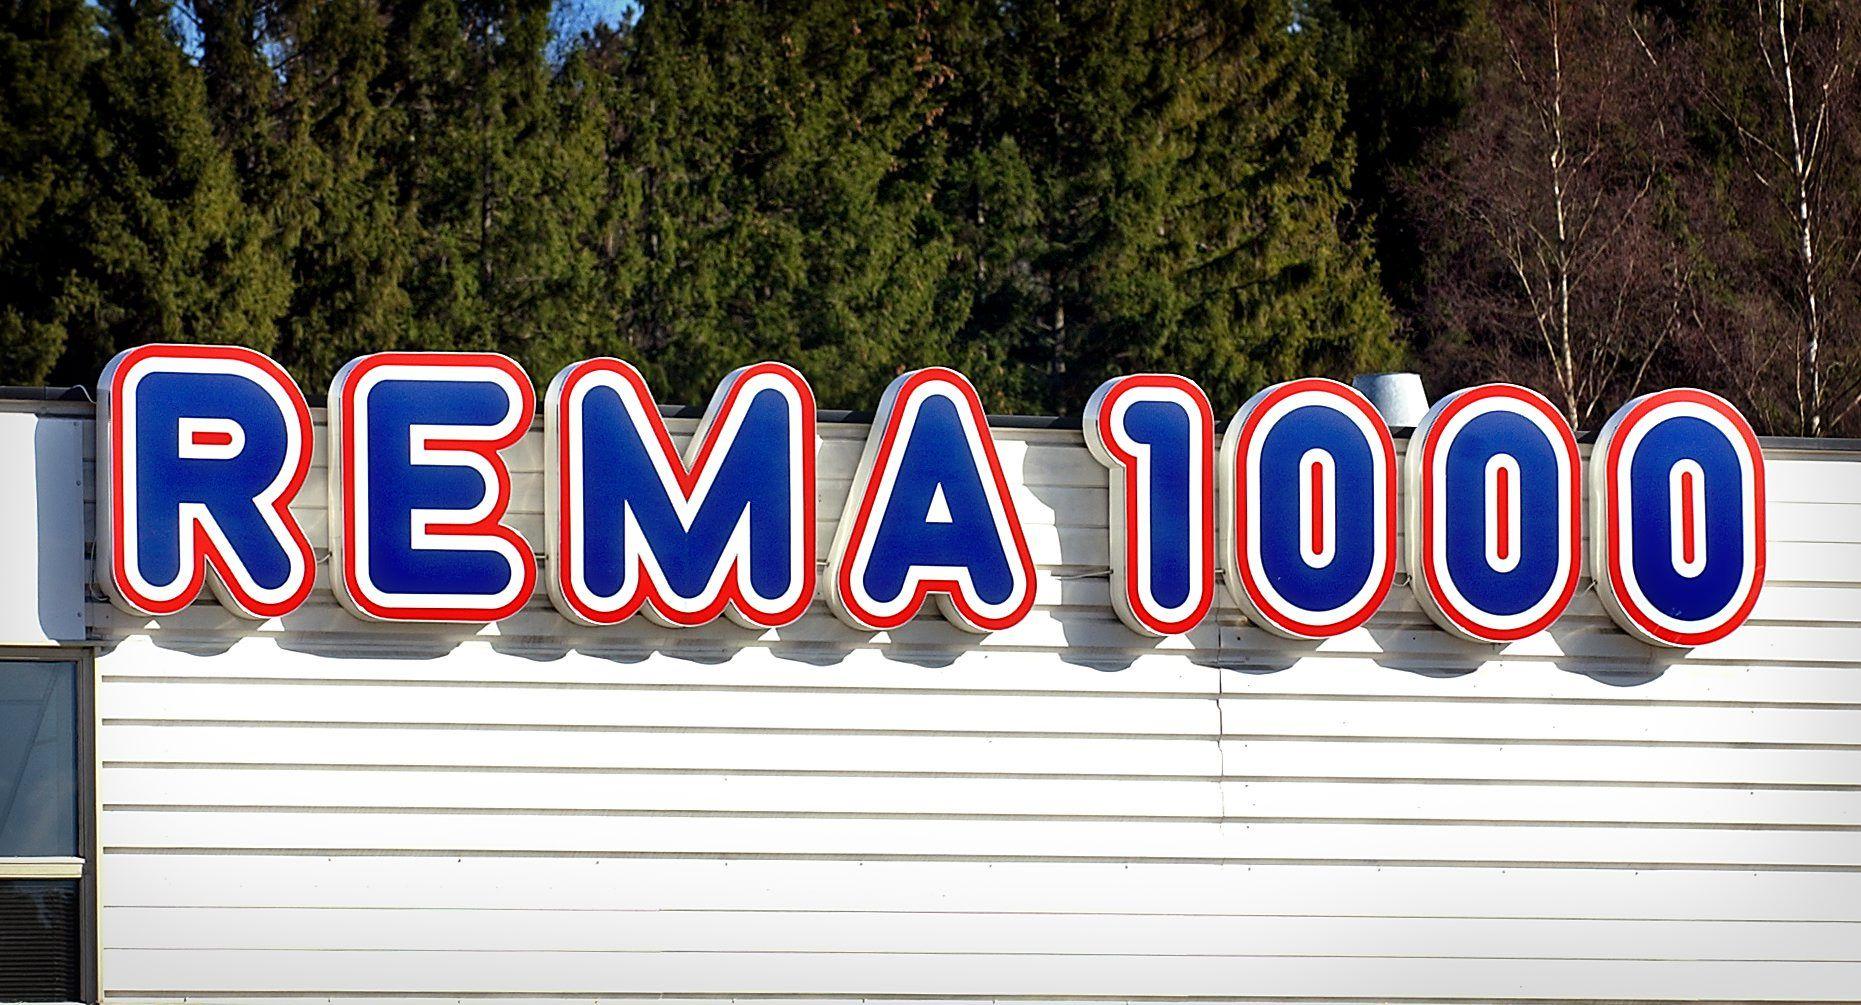 Rema 1000 lagde reklamefilm til valentinsdagen, men ble møtt med hets og rasisme.